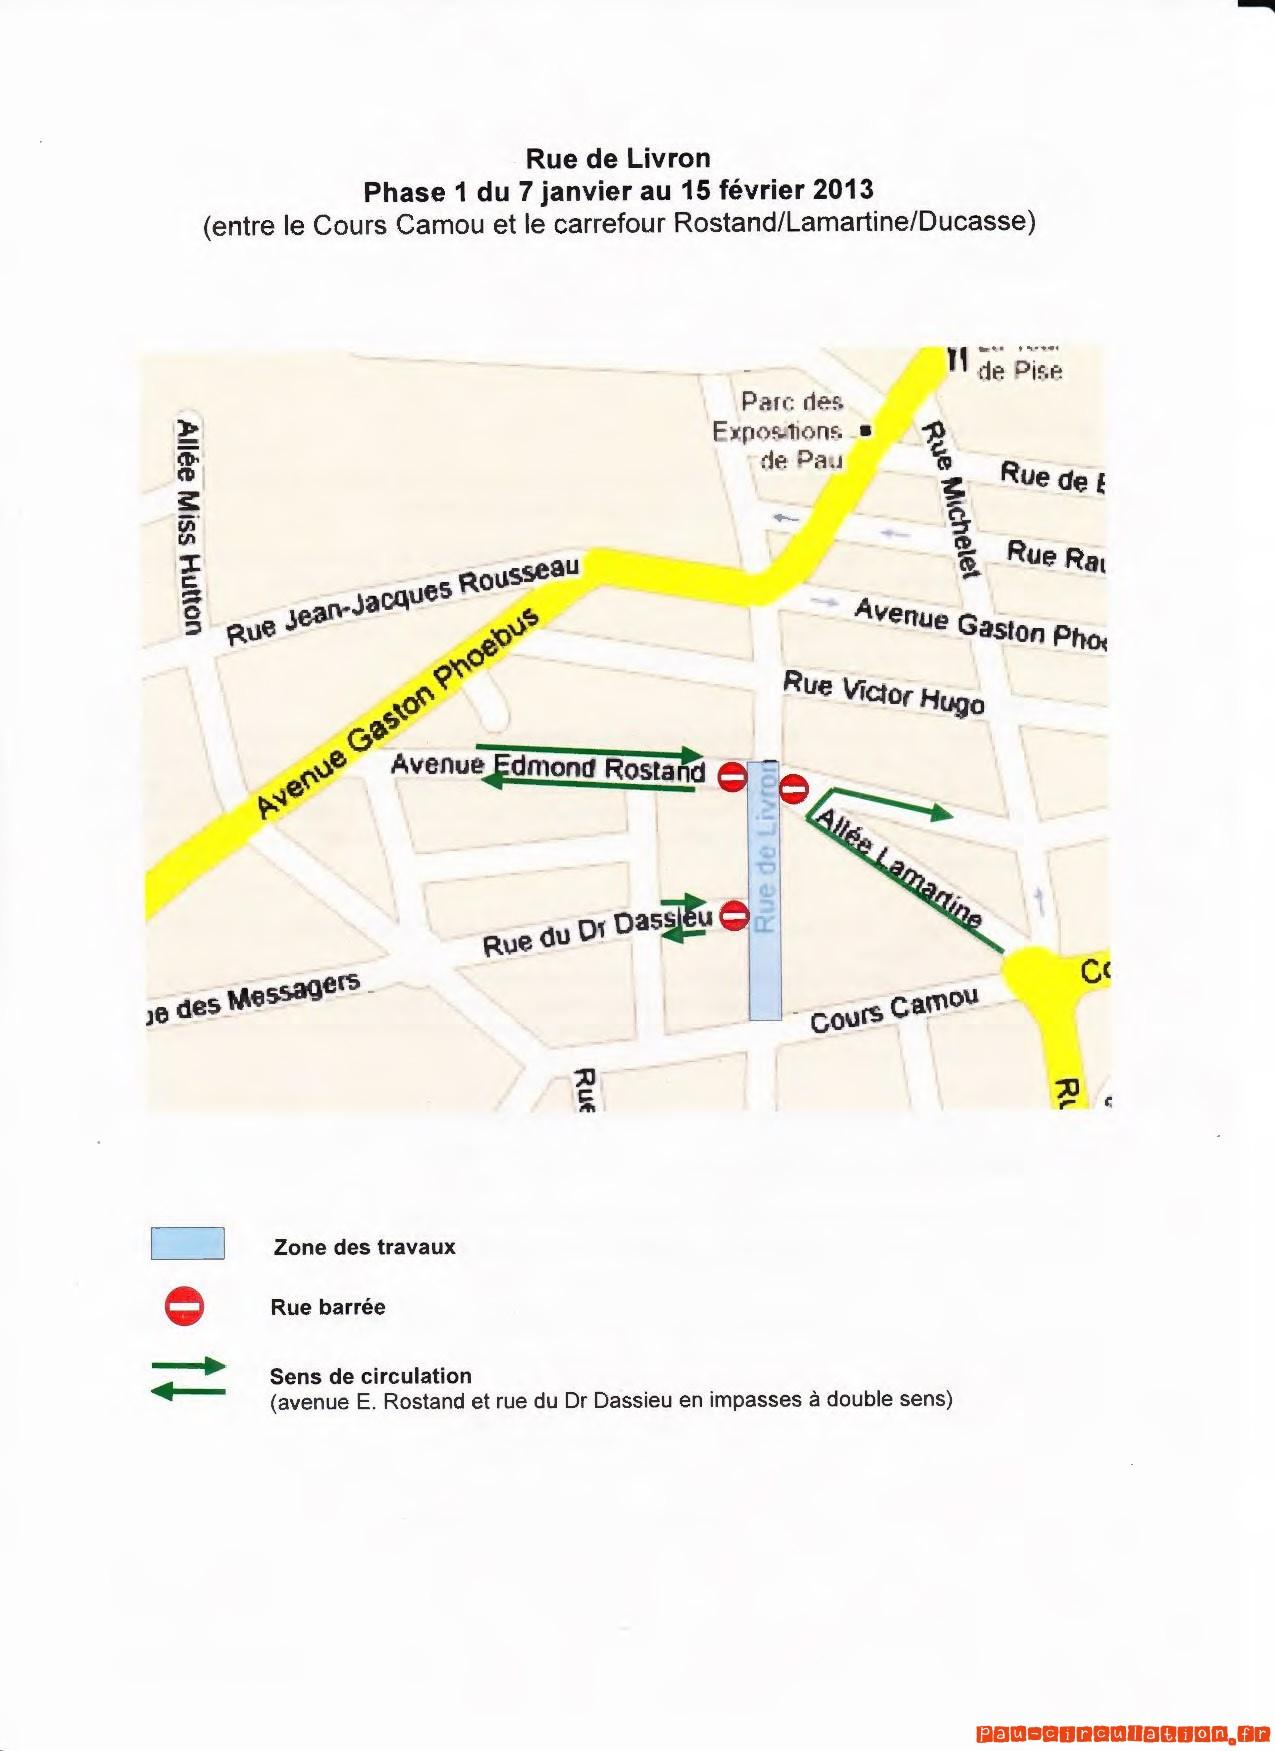 Rénovation Rue de Livron – Phase 01 du 07 janvier au 15 février 2013